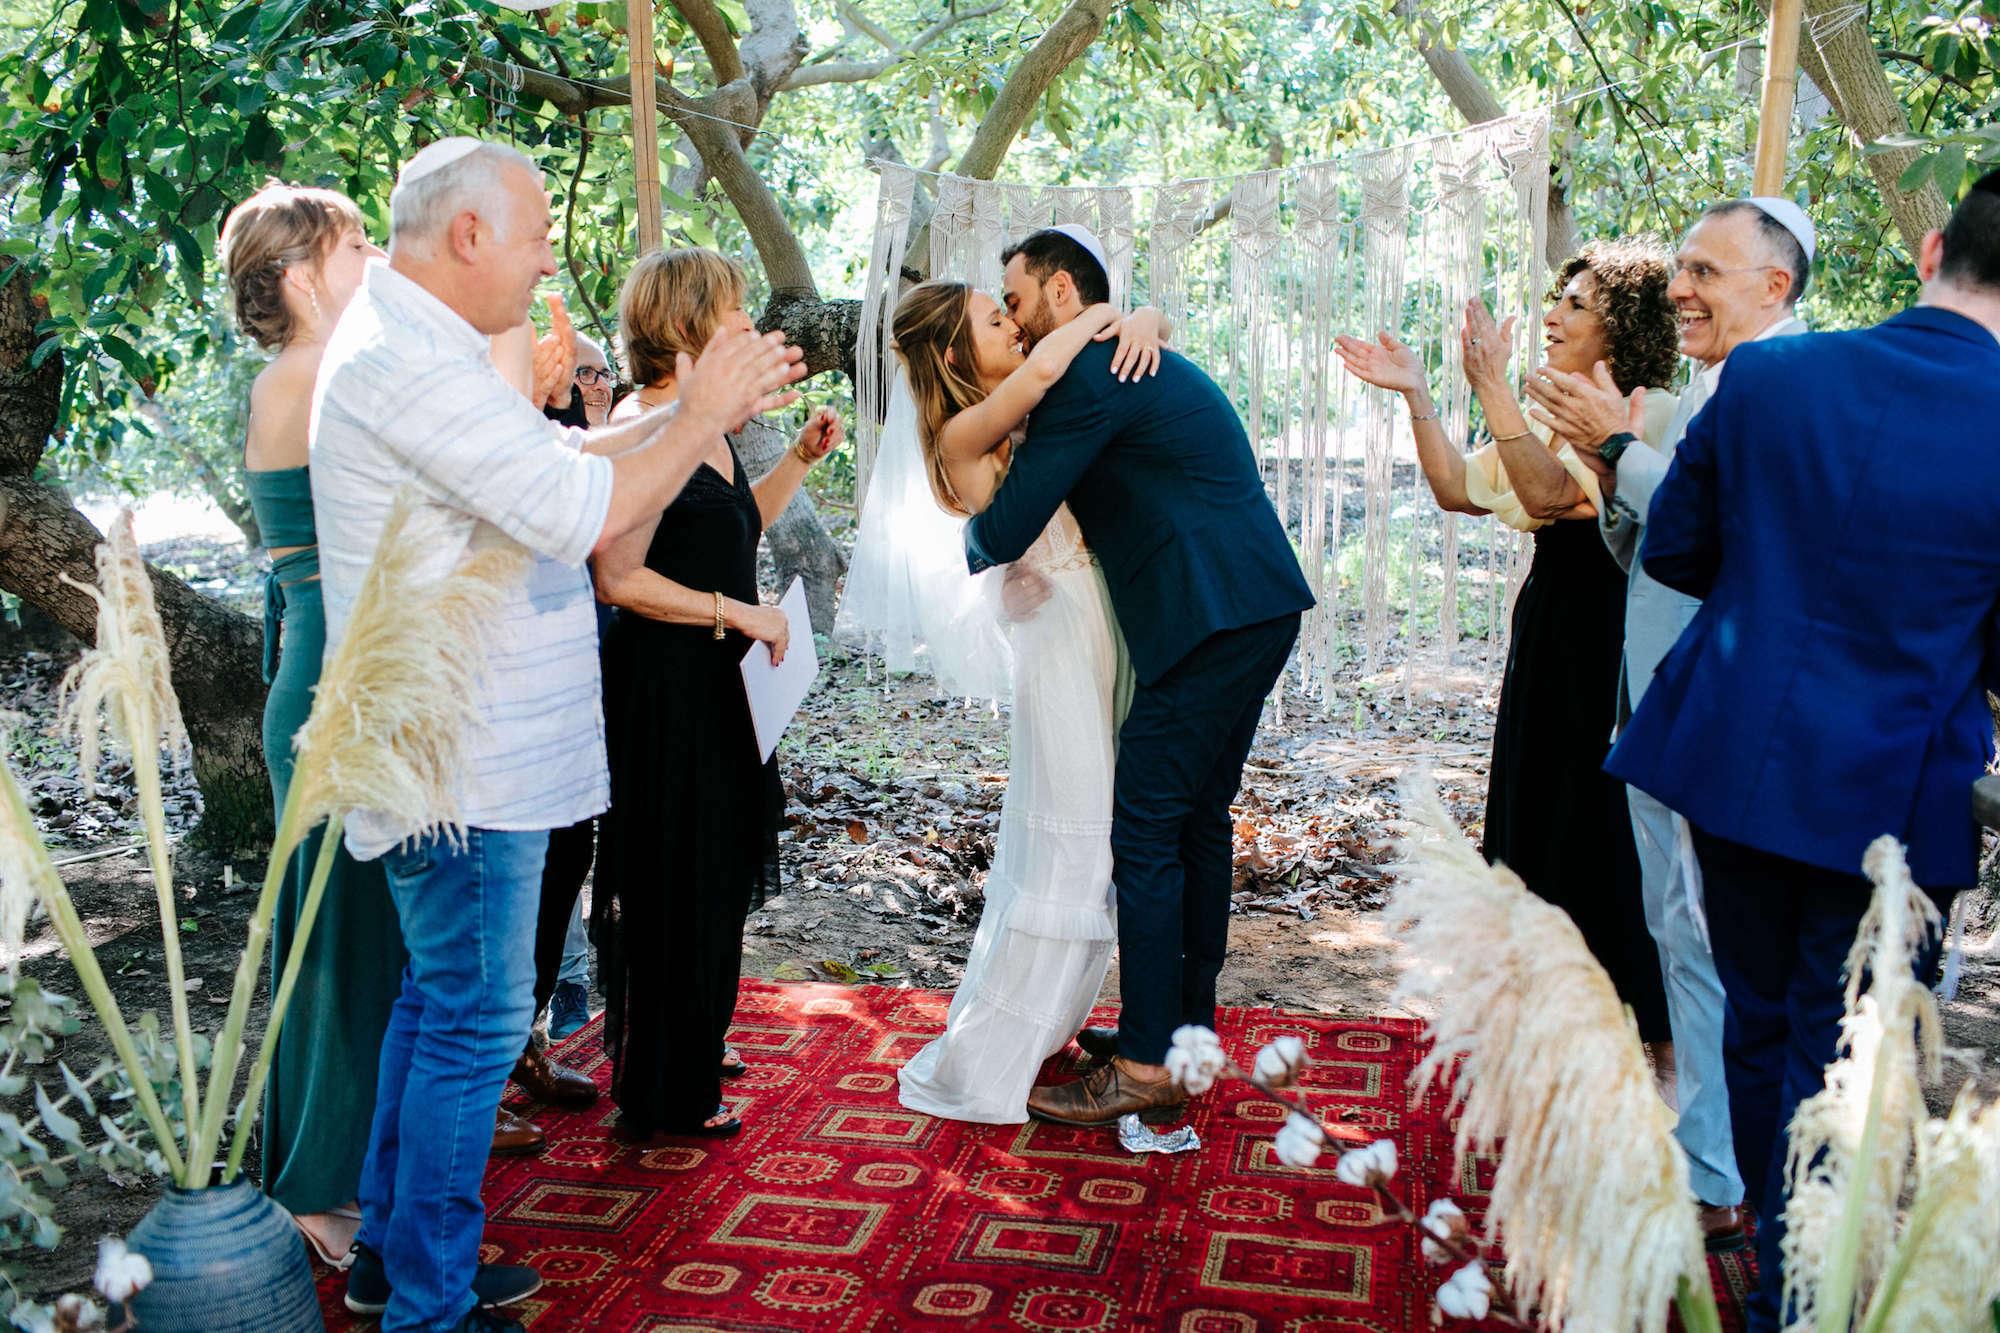 חתונת קפסולות מרגשת במטע אבוקדו